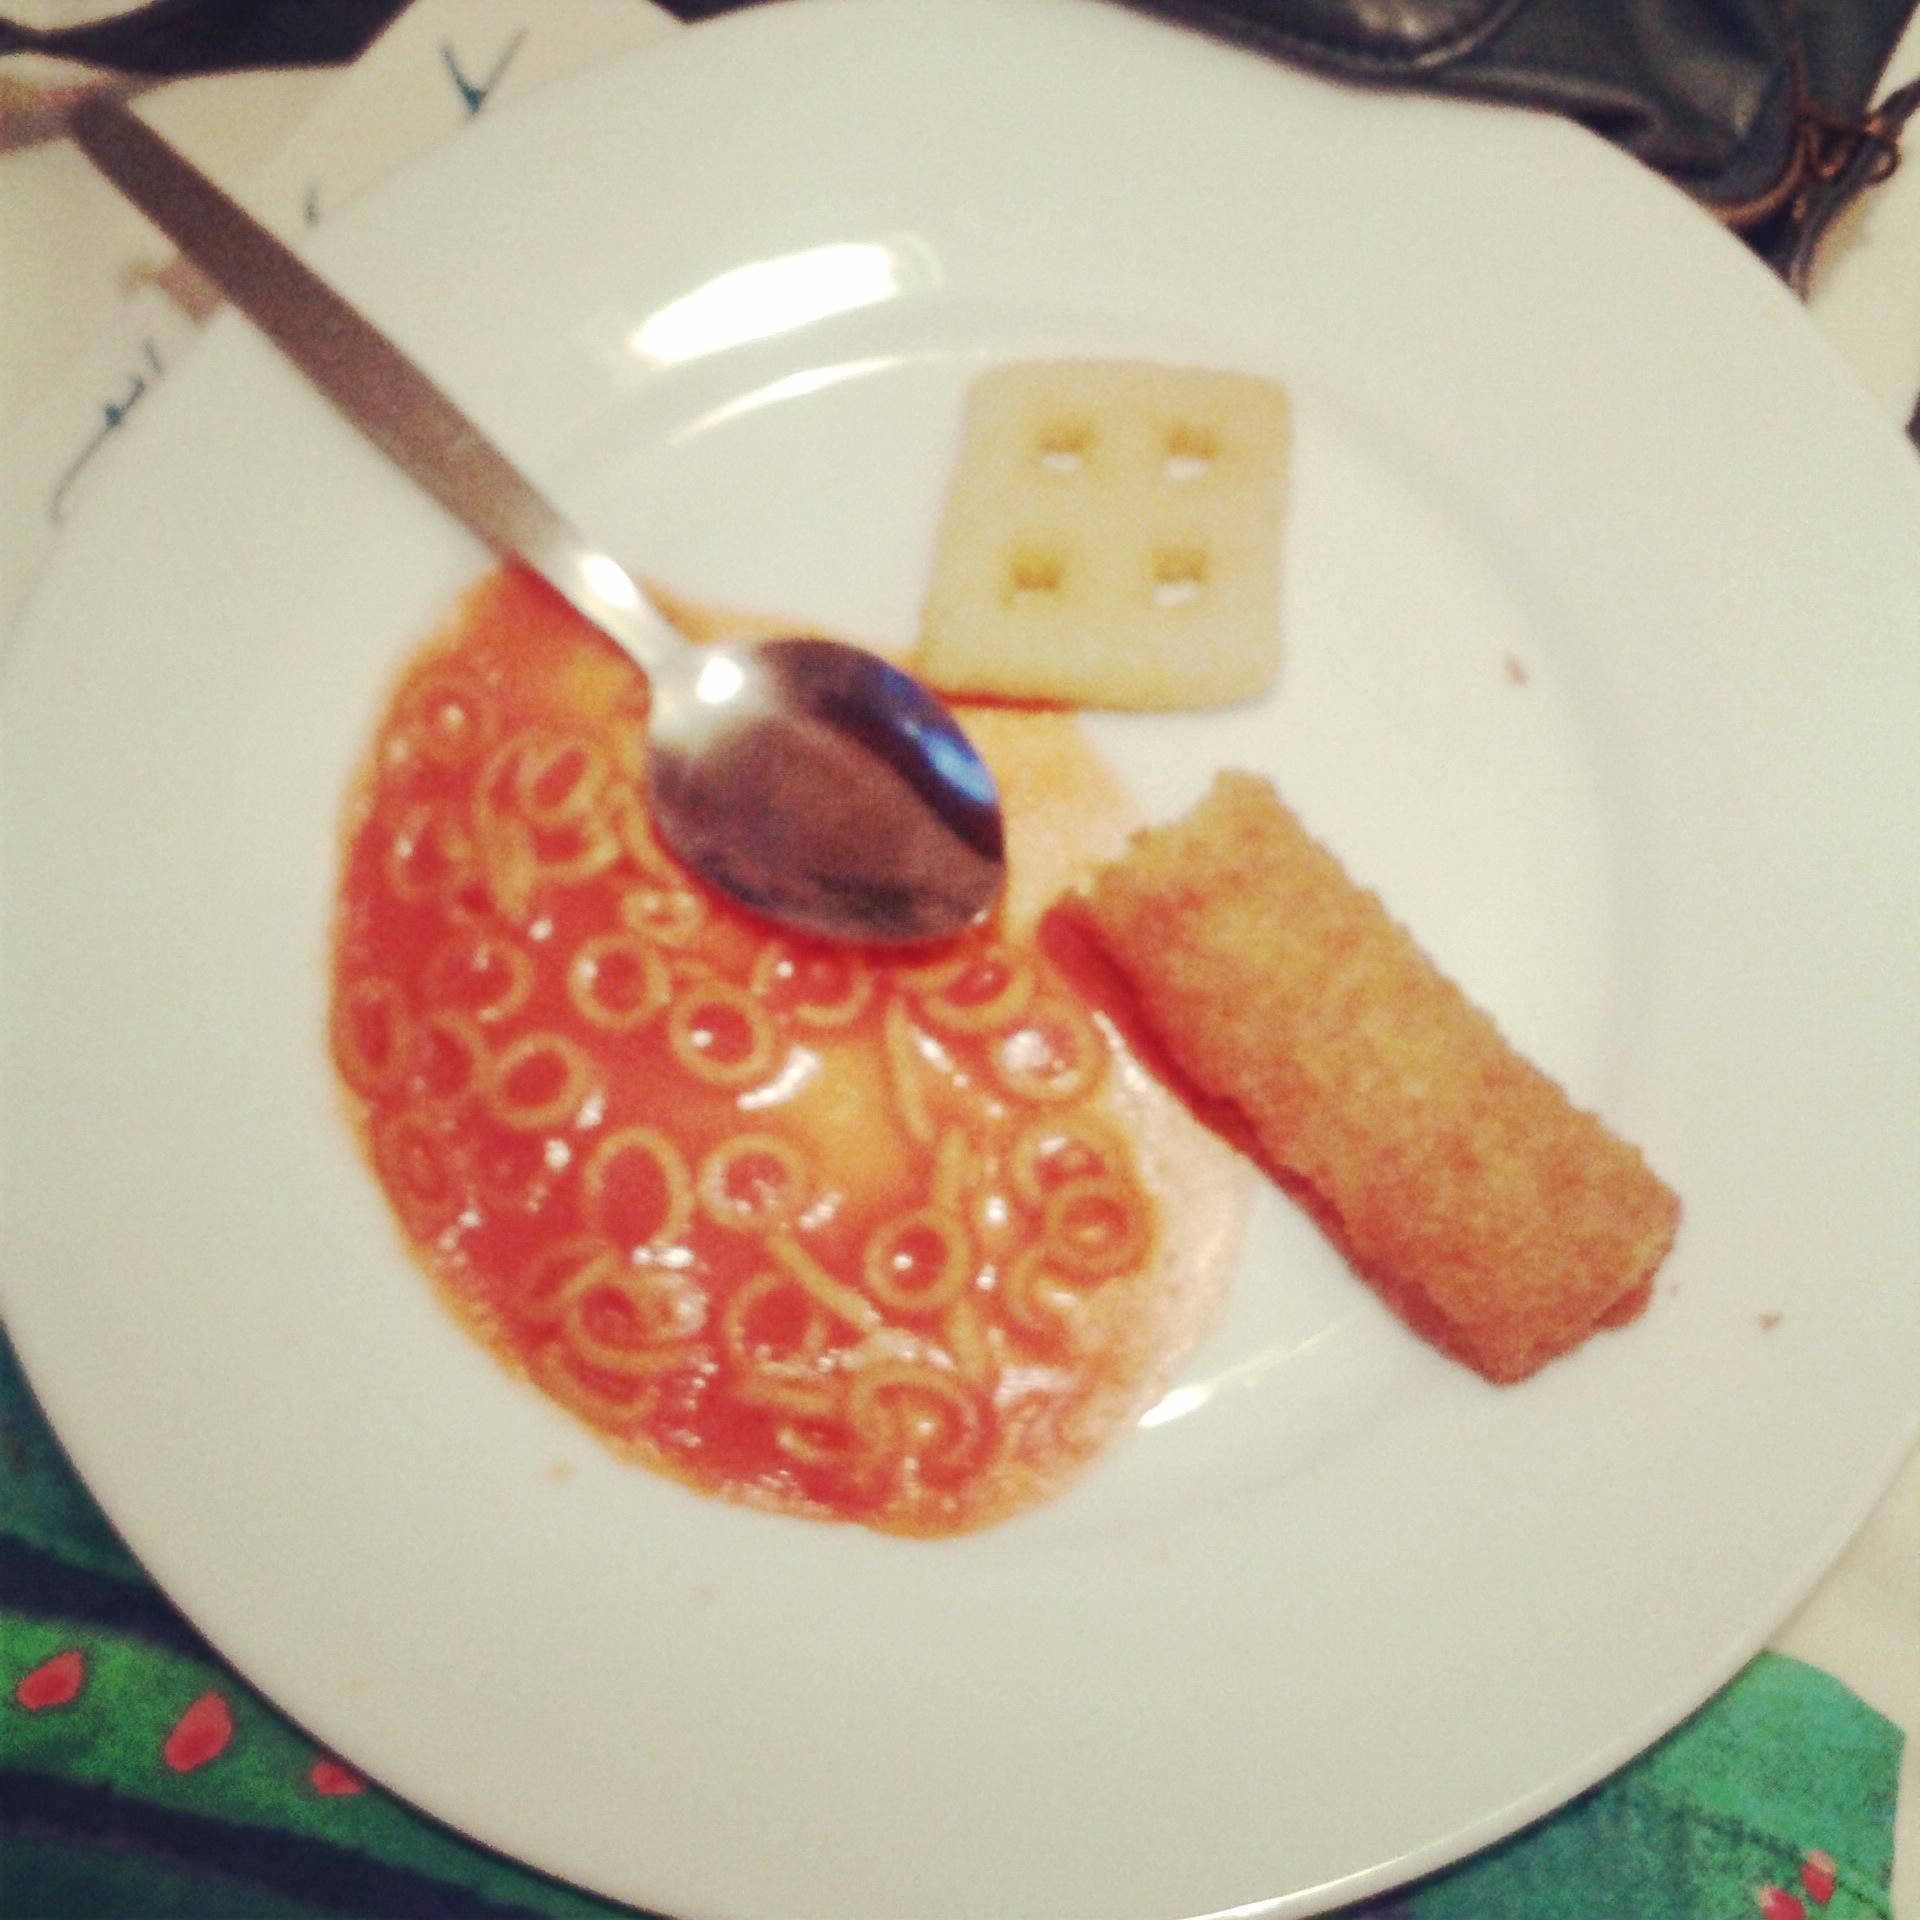 grandma's dinner